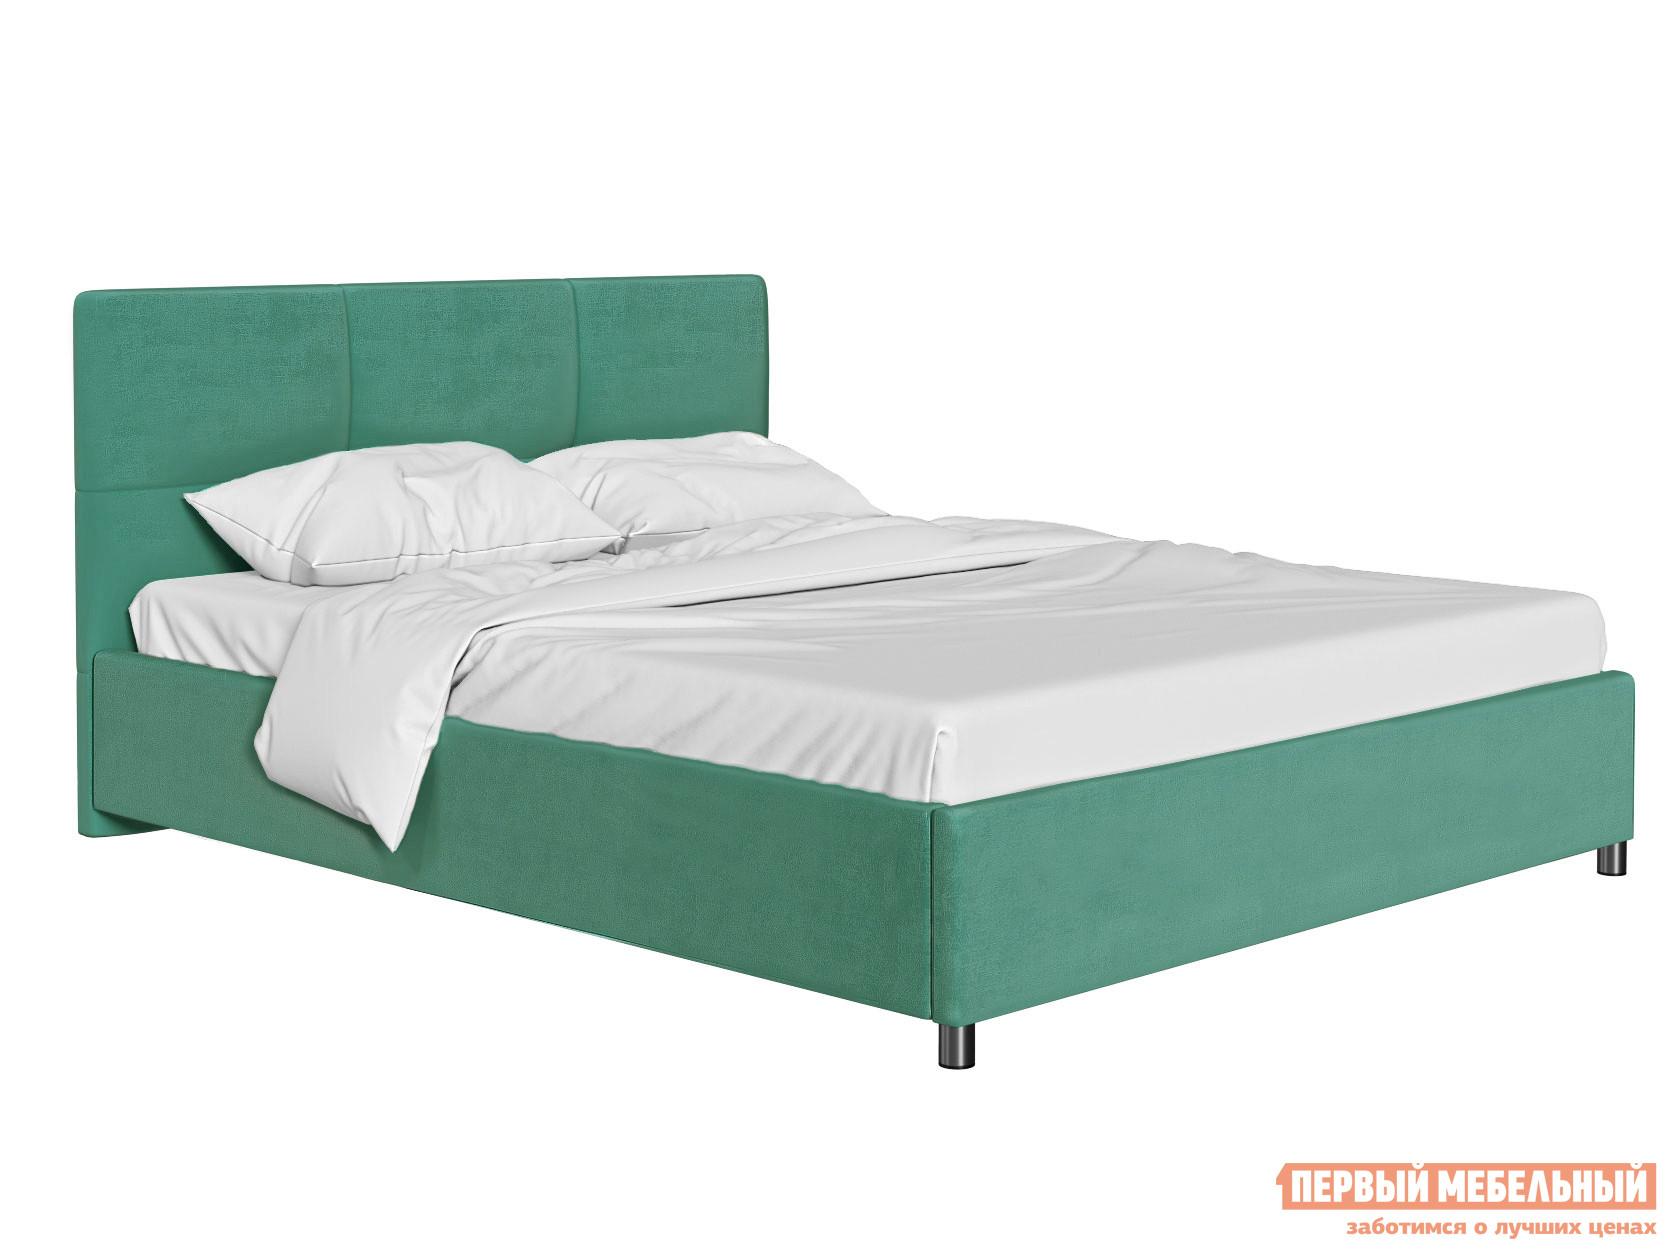 Двуспальная кровать Кровать с мягким изголовьем Агата Мятный, велюр, 140х200 см фото